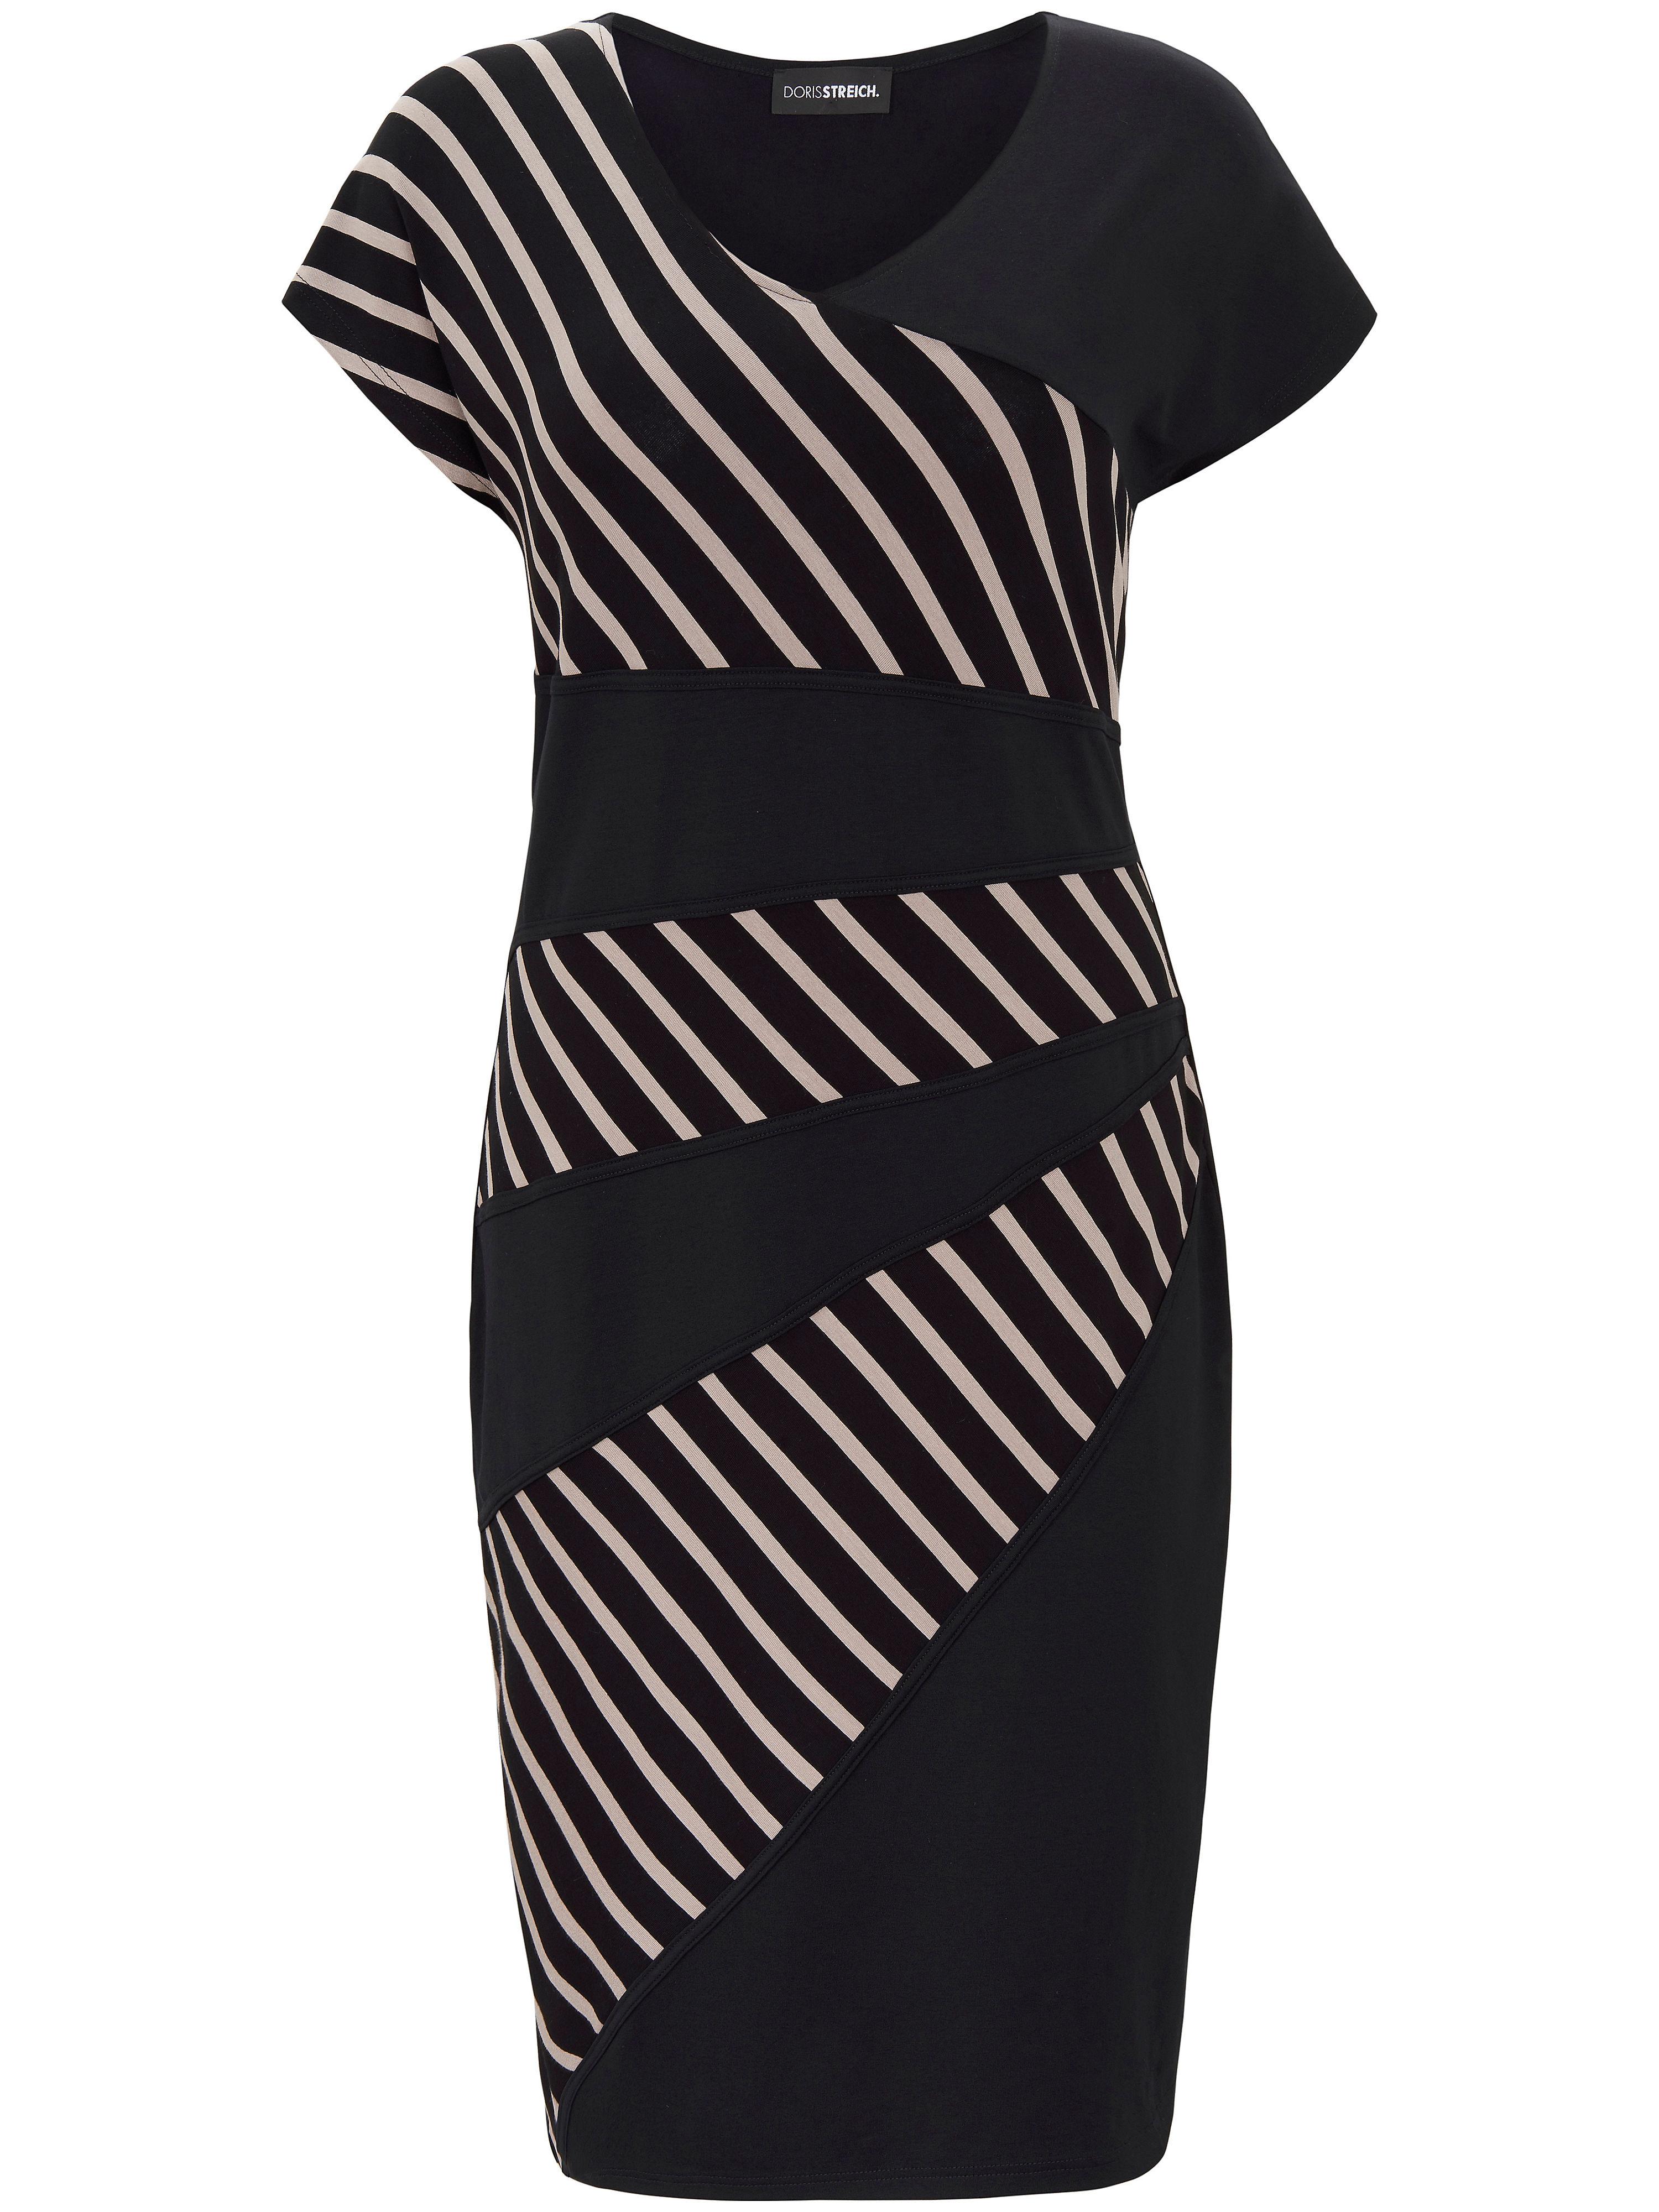 Artikel klicken und genauer betrachten! - Jersey-Kleid von Doris Streich mit 1/4-Arm. Schön fließend, leger geschnitten und superbequem – der weich fallende Jersey trägt nicht auf und bleibt auf Dauer formstabil. Dekorative, raffiniert platzierte Streifen-Einsätze setzen modische Akzente und schmeicheln gleichzeitig der Figur. In 92% Viskose, 8% Elasthan. Länge ca. 101cm. Dieses Jersey-Kleid ist maschinenwaschbar. Schonwaschgang 30°. Chlorbleiche nicht möglich. Nicht heiß Bügeln. Reinigung P. Trocknen im Tumbler nicht möglich. Farbe: Stein/Schwarz. Erhältlich in den Größen: 56,54,52,50,48,46,44,42,40. Hochwertige Qualitätsmode für Damen ab 50 Jahren. | im Online Shop kaufen